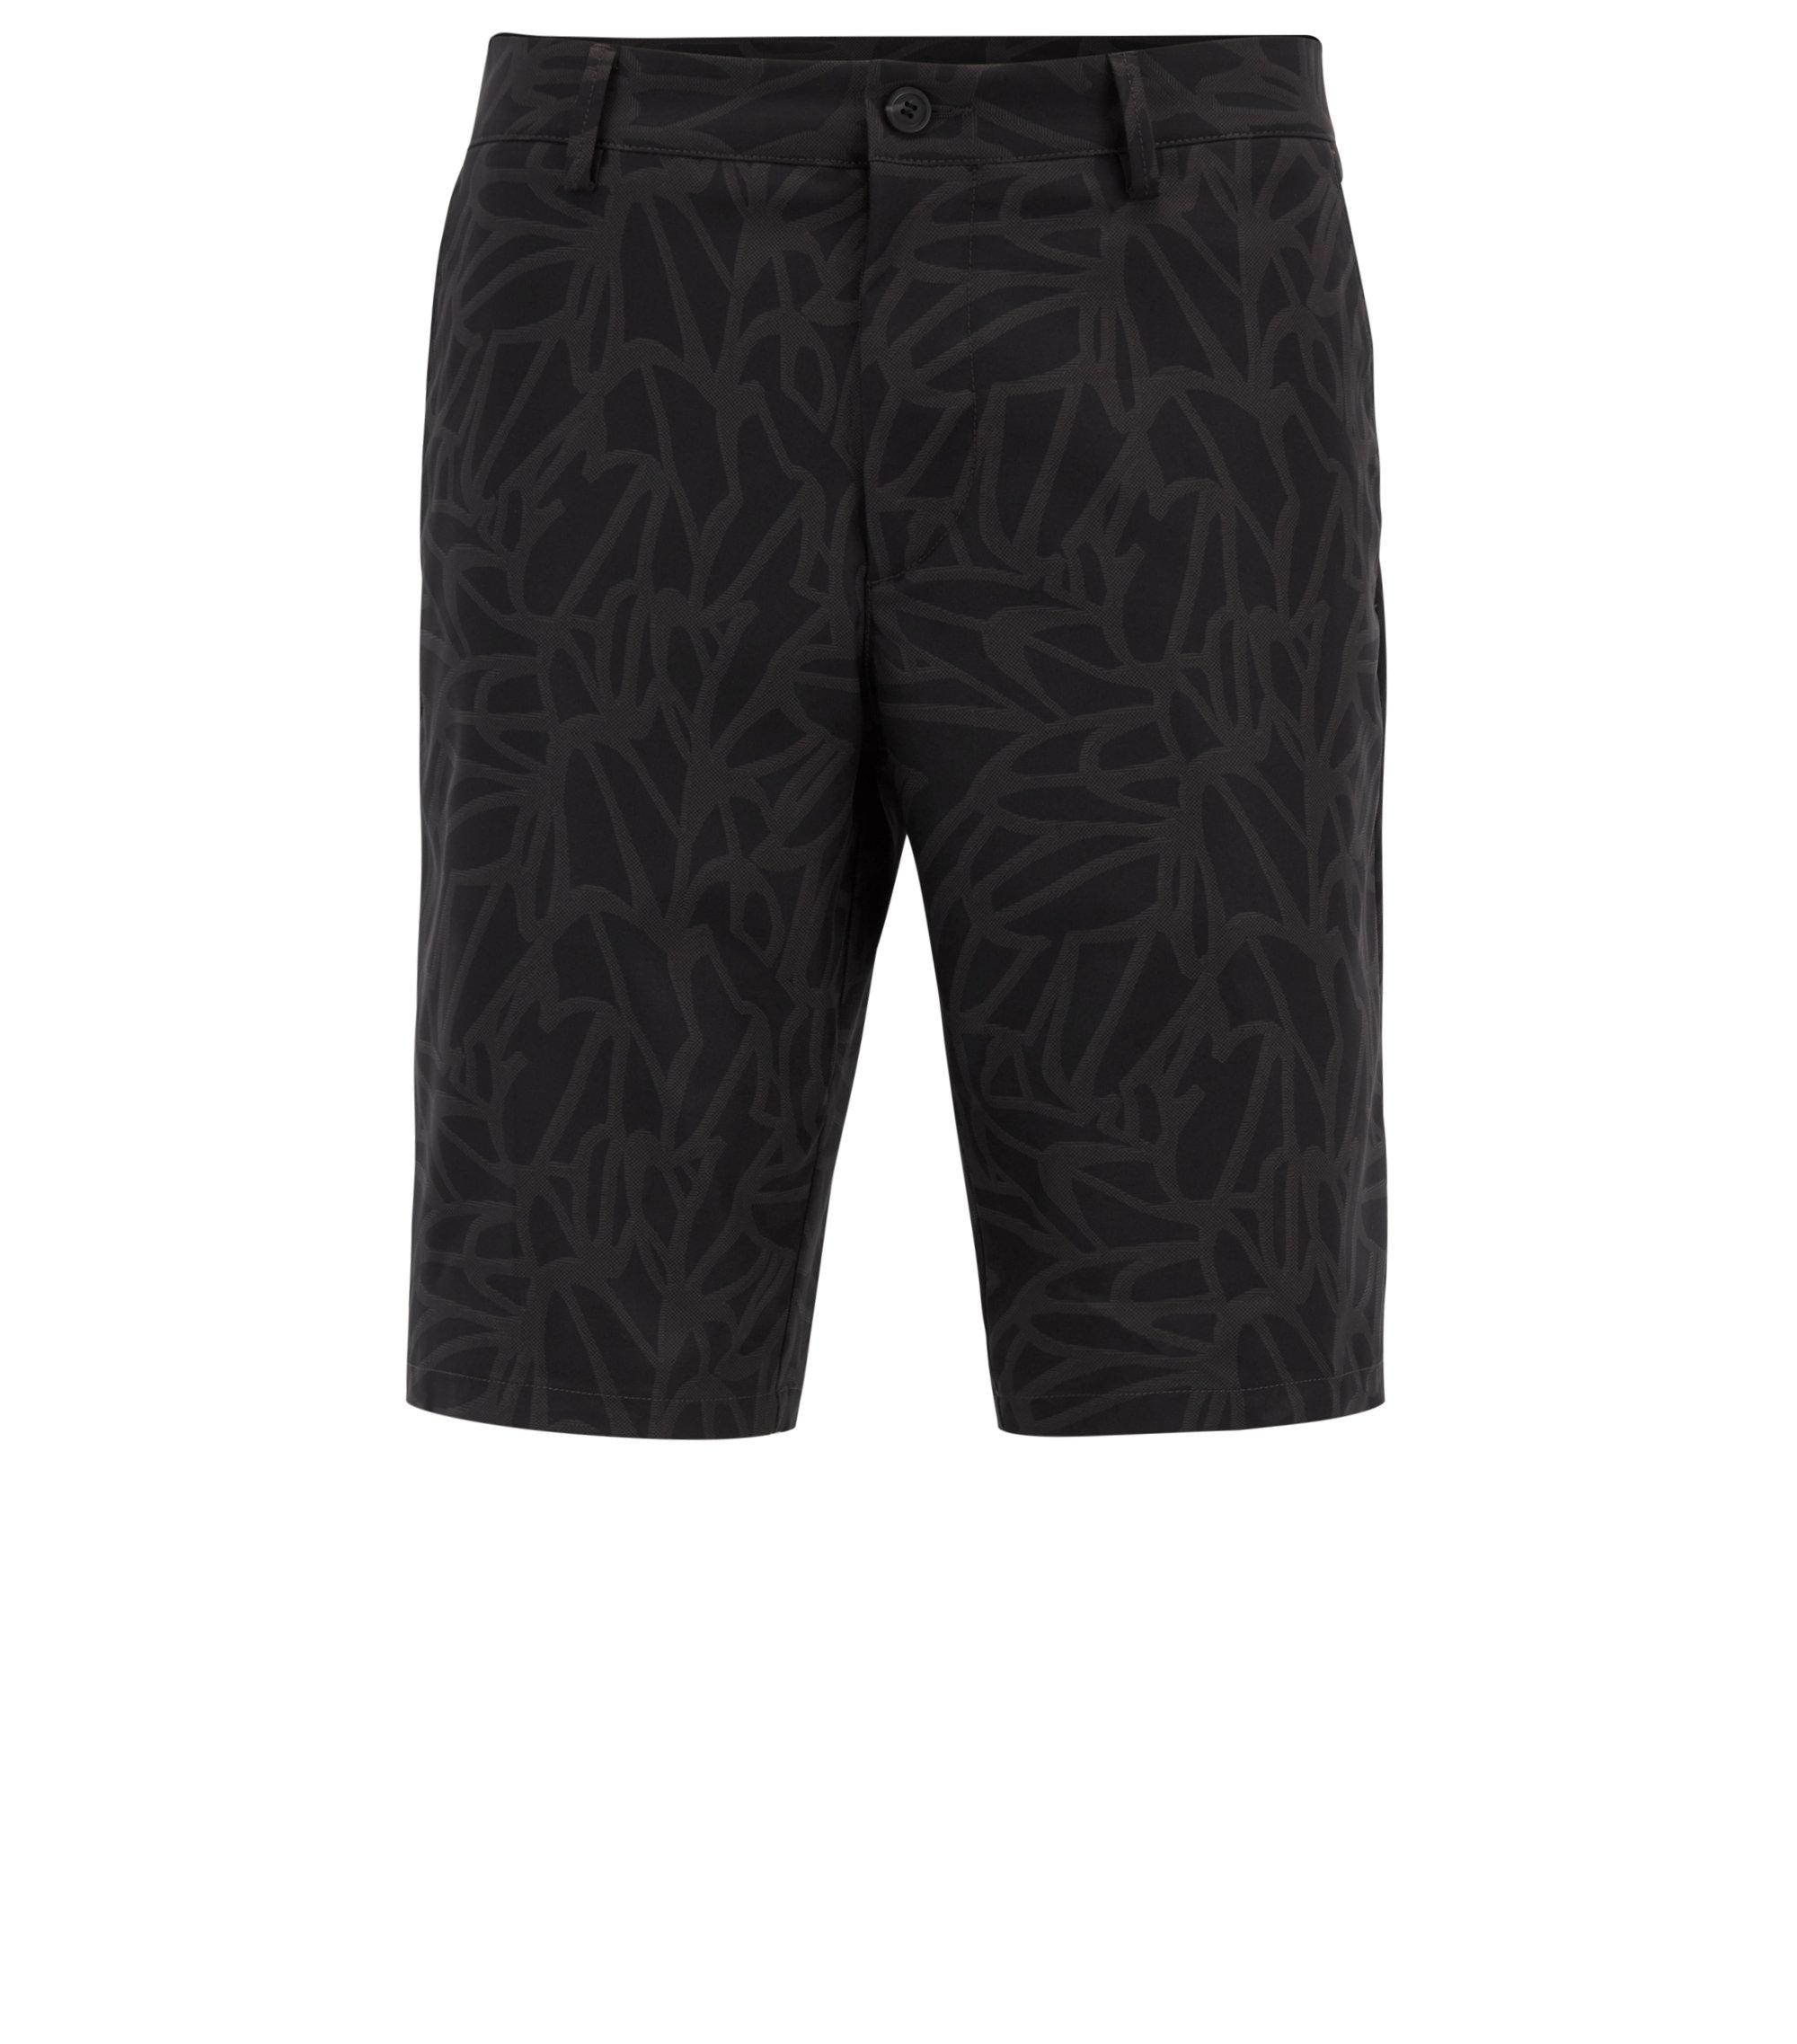 Bedruckte Slim-Fit Shorts aus wasserabweisendem Twill, Schwarz